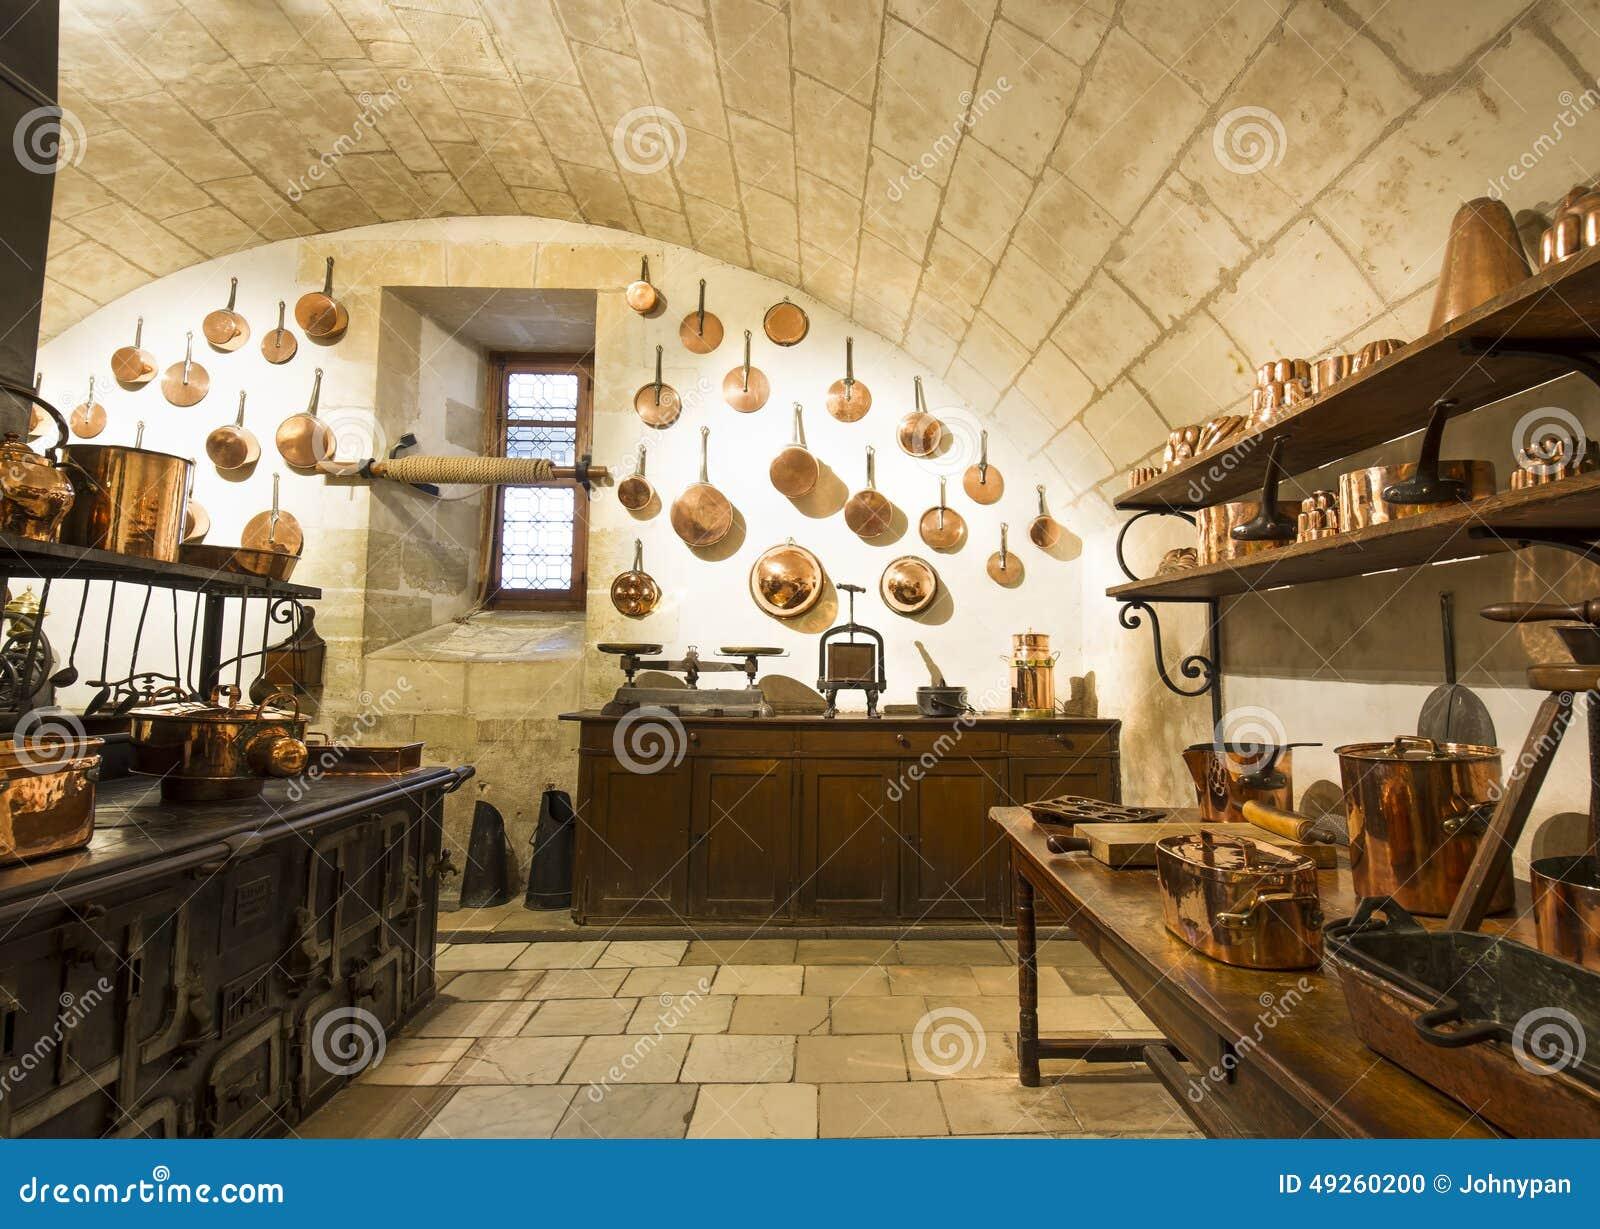 Chenonceaux-Schlossinnenraum, Ansicht Der Küche Redaktionelles Bild ...